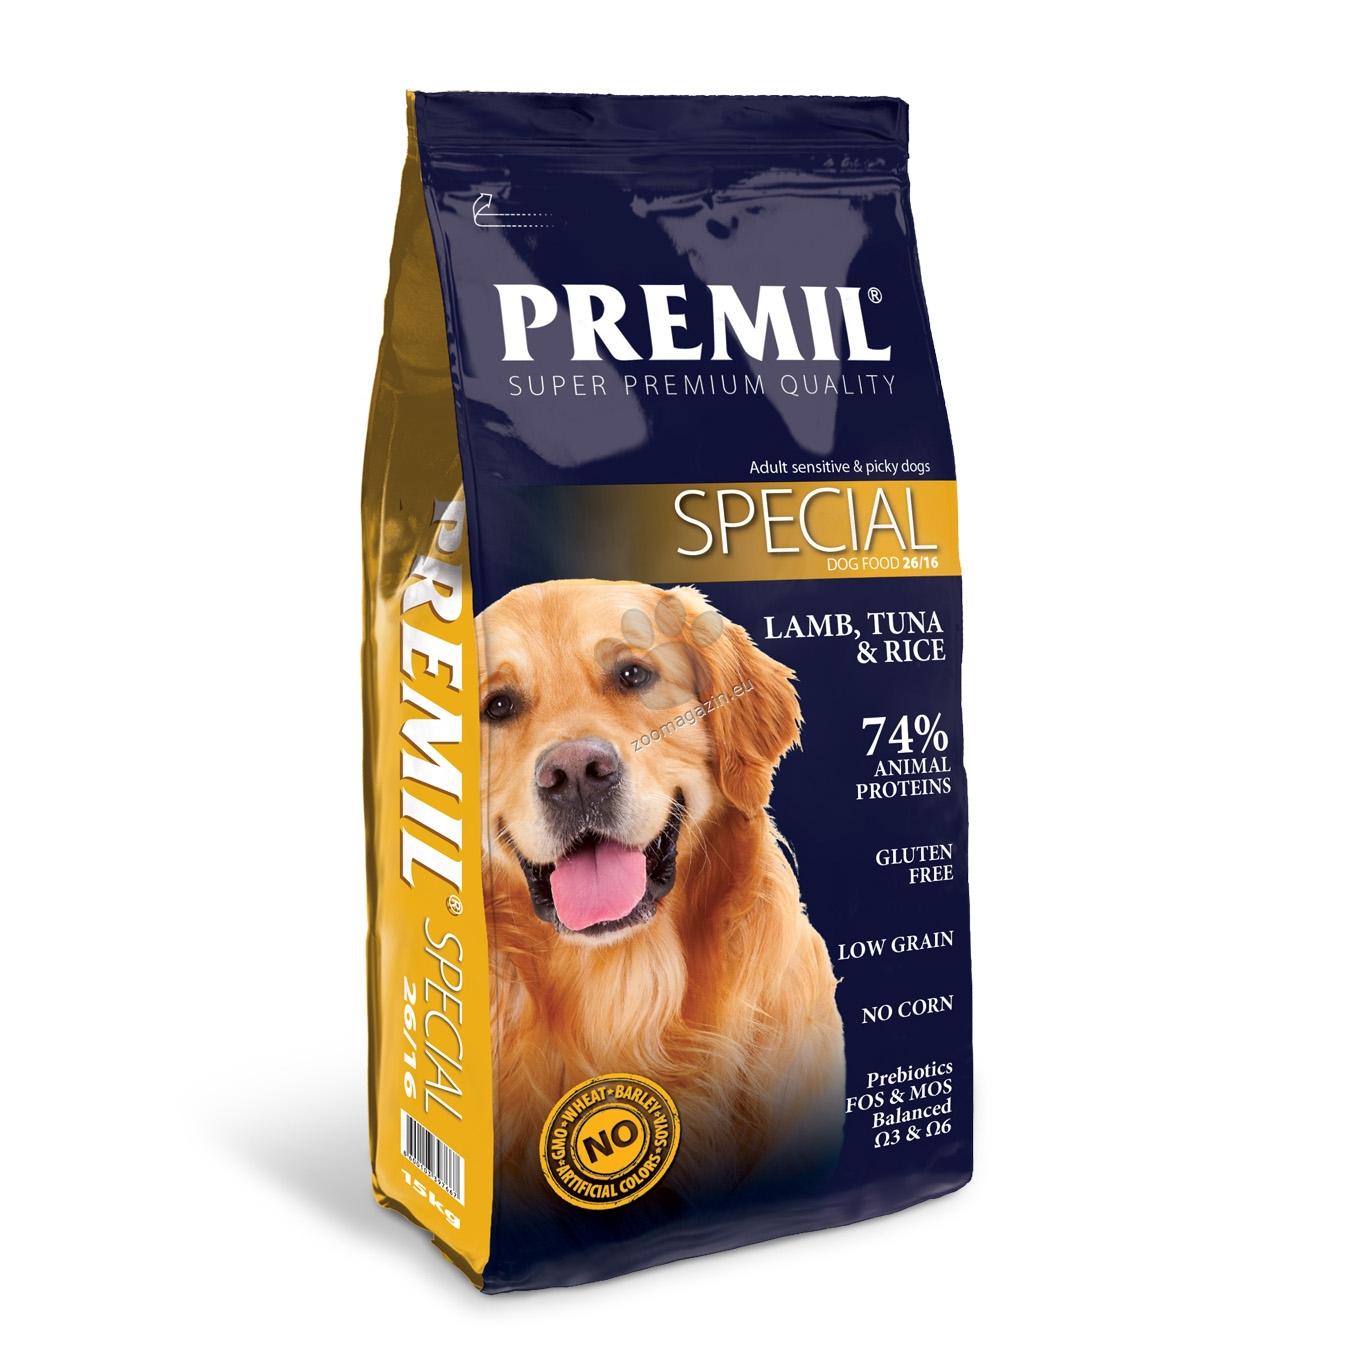 Premil - Special 26/16 - пълноценна храна с агнешко месо и ориз, за кучета с капризен апетит 15 кг.